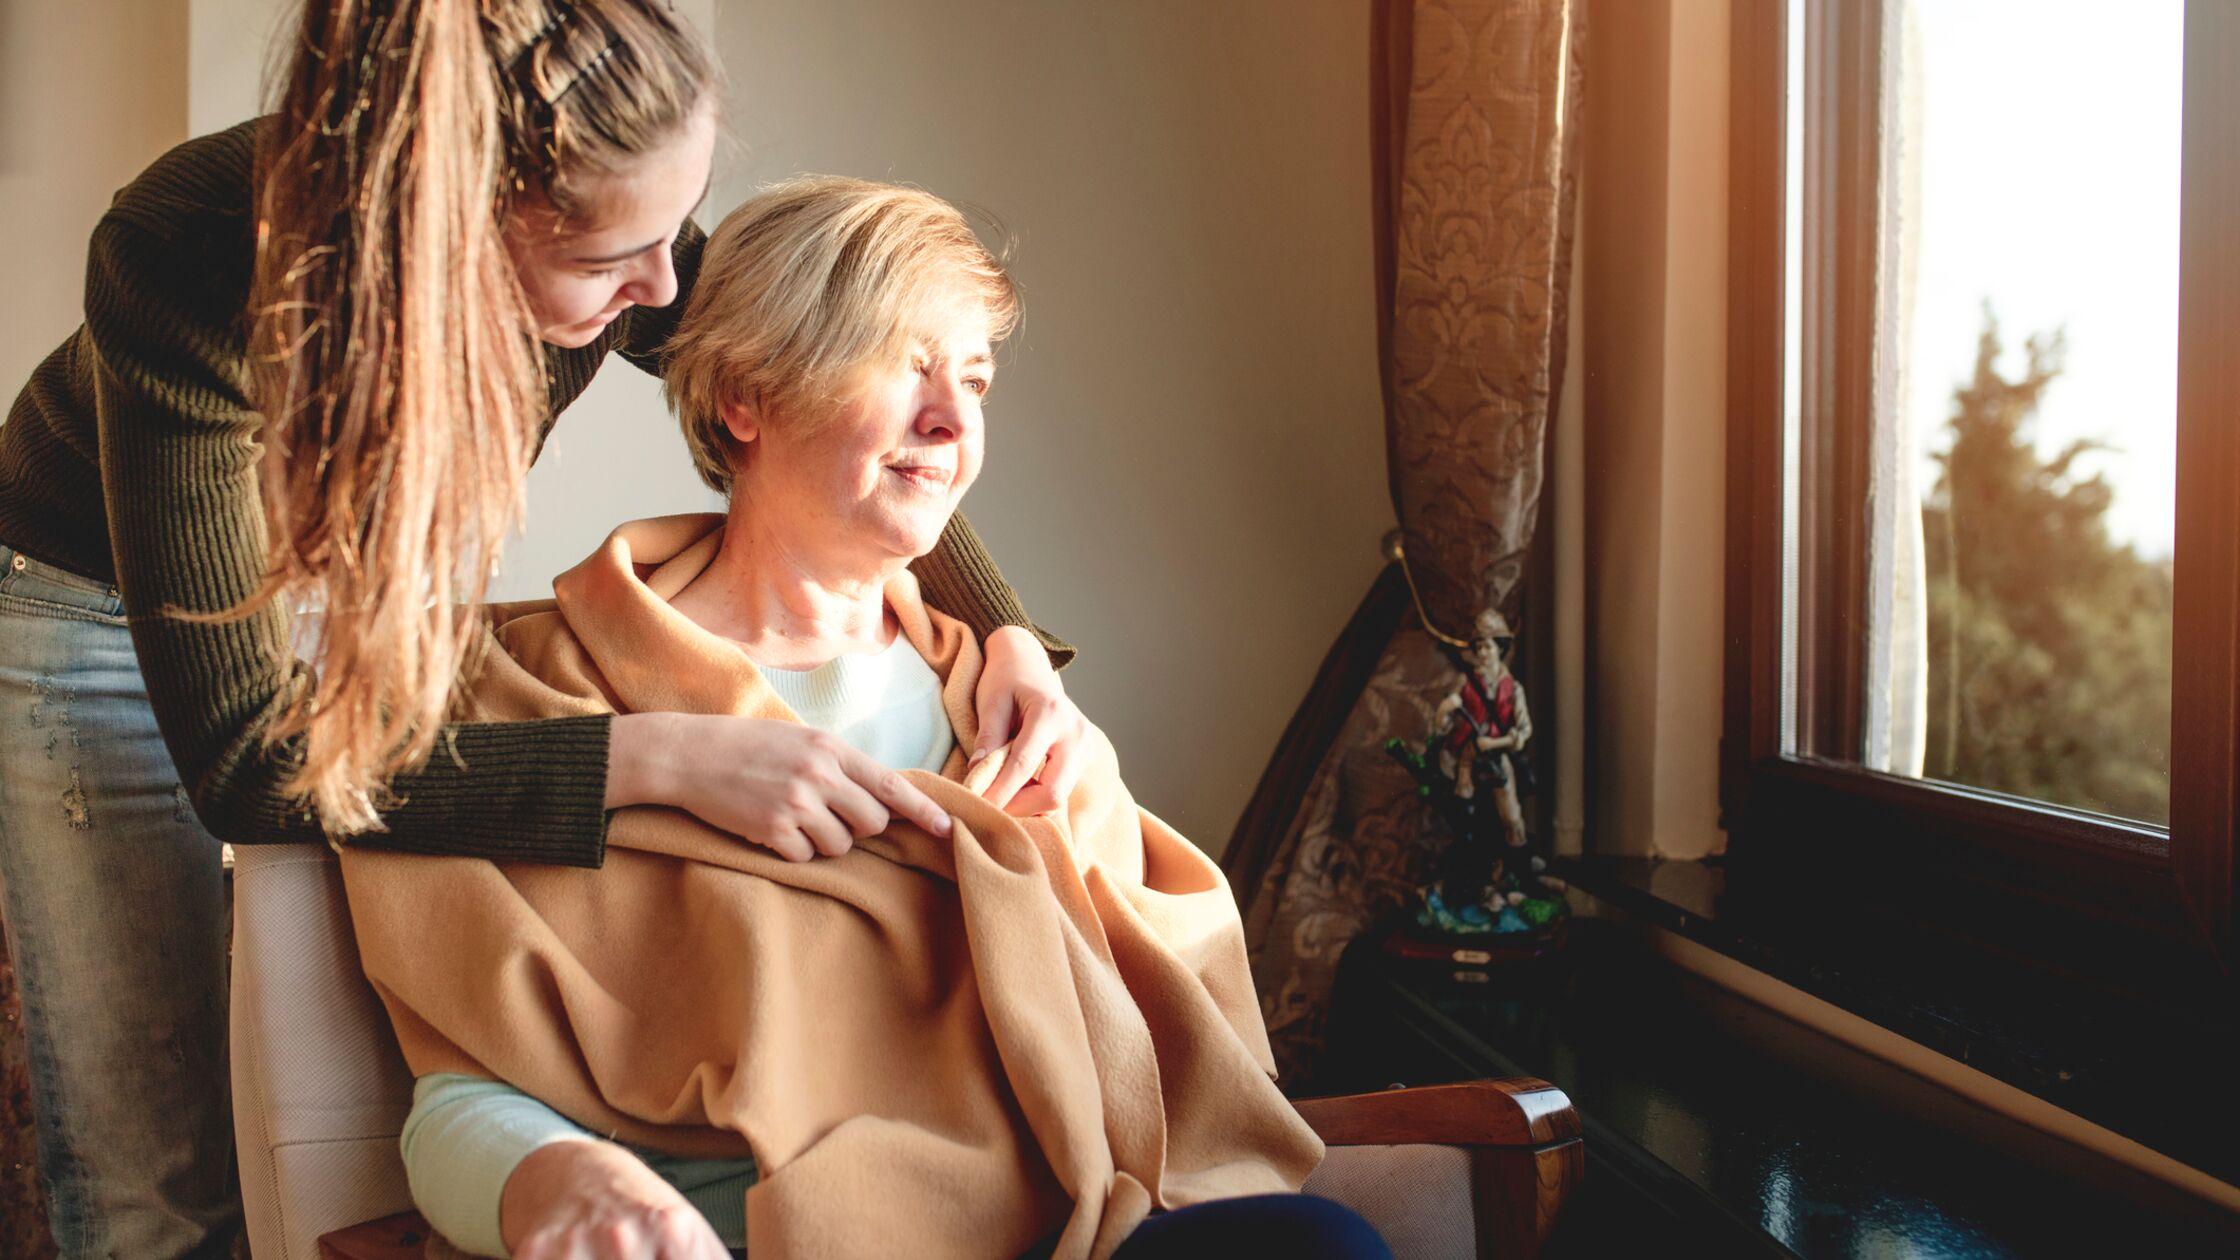 Junge Frau pflegt ältere Frau, die aus einem Fenster schaut